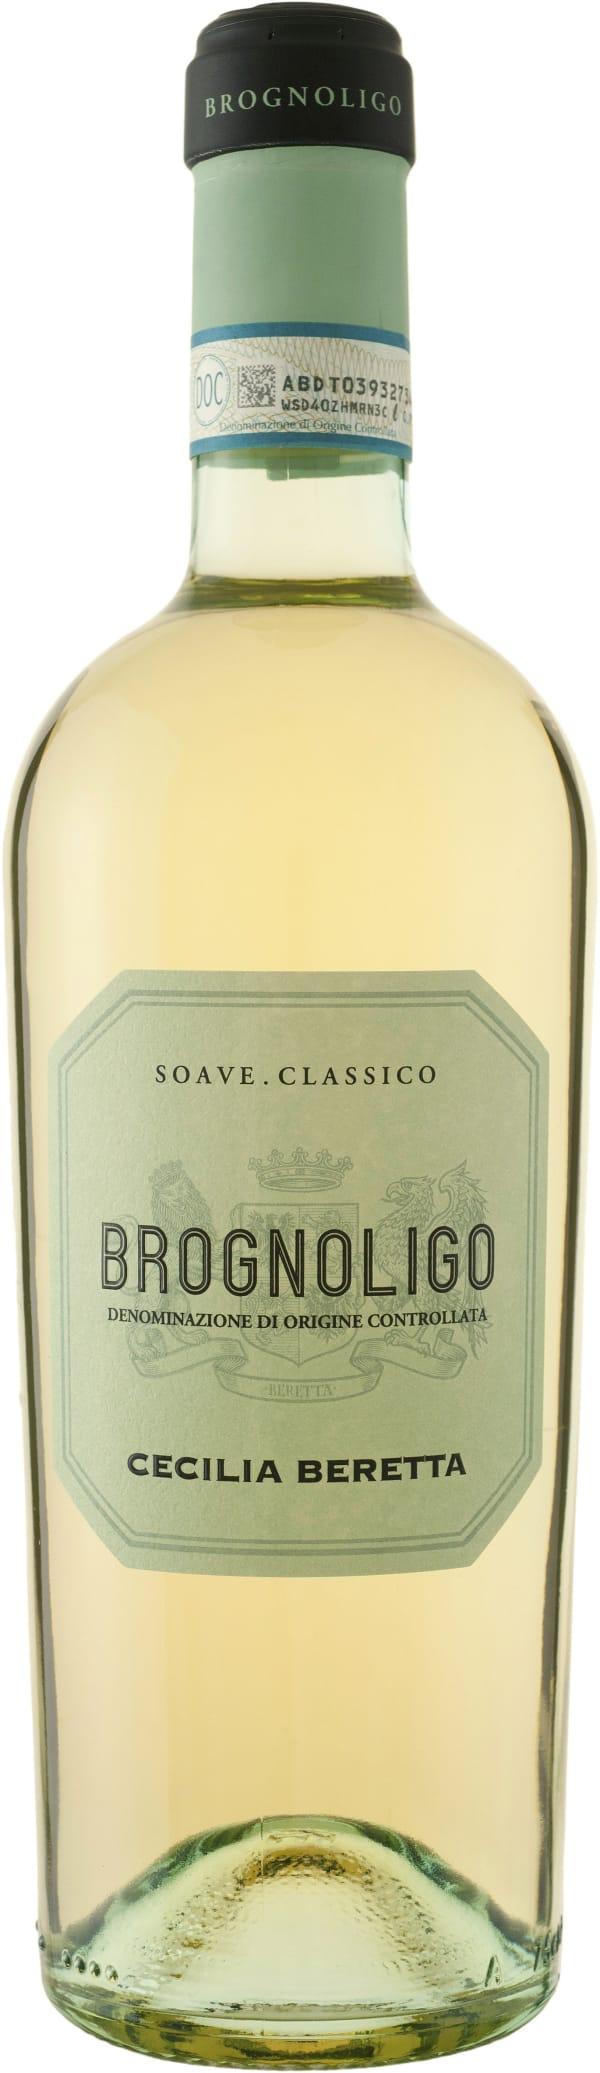 Cecilia Beretta Brognoligo Soave Classico 2019